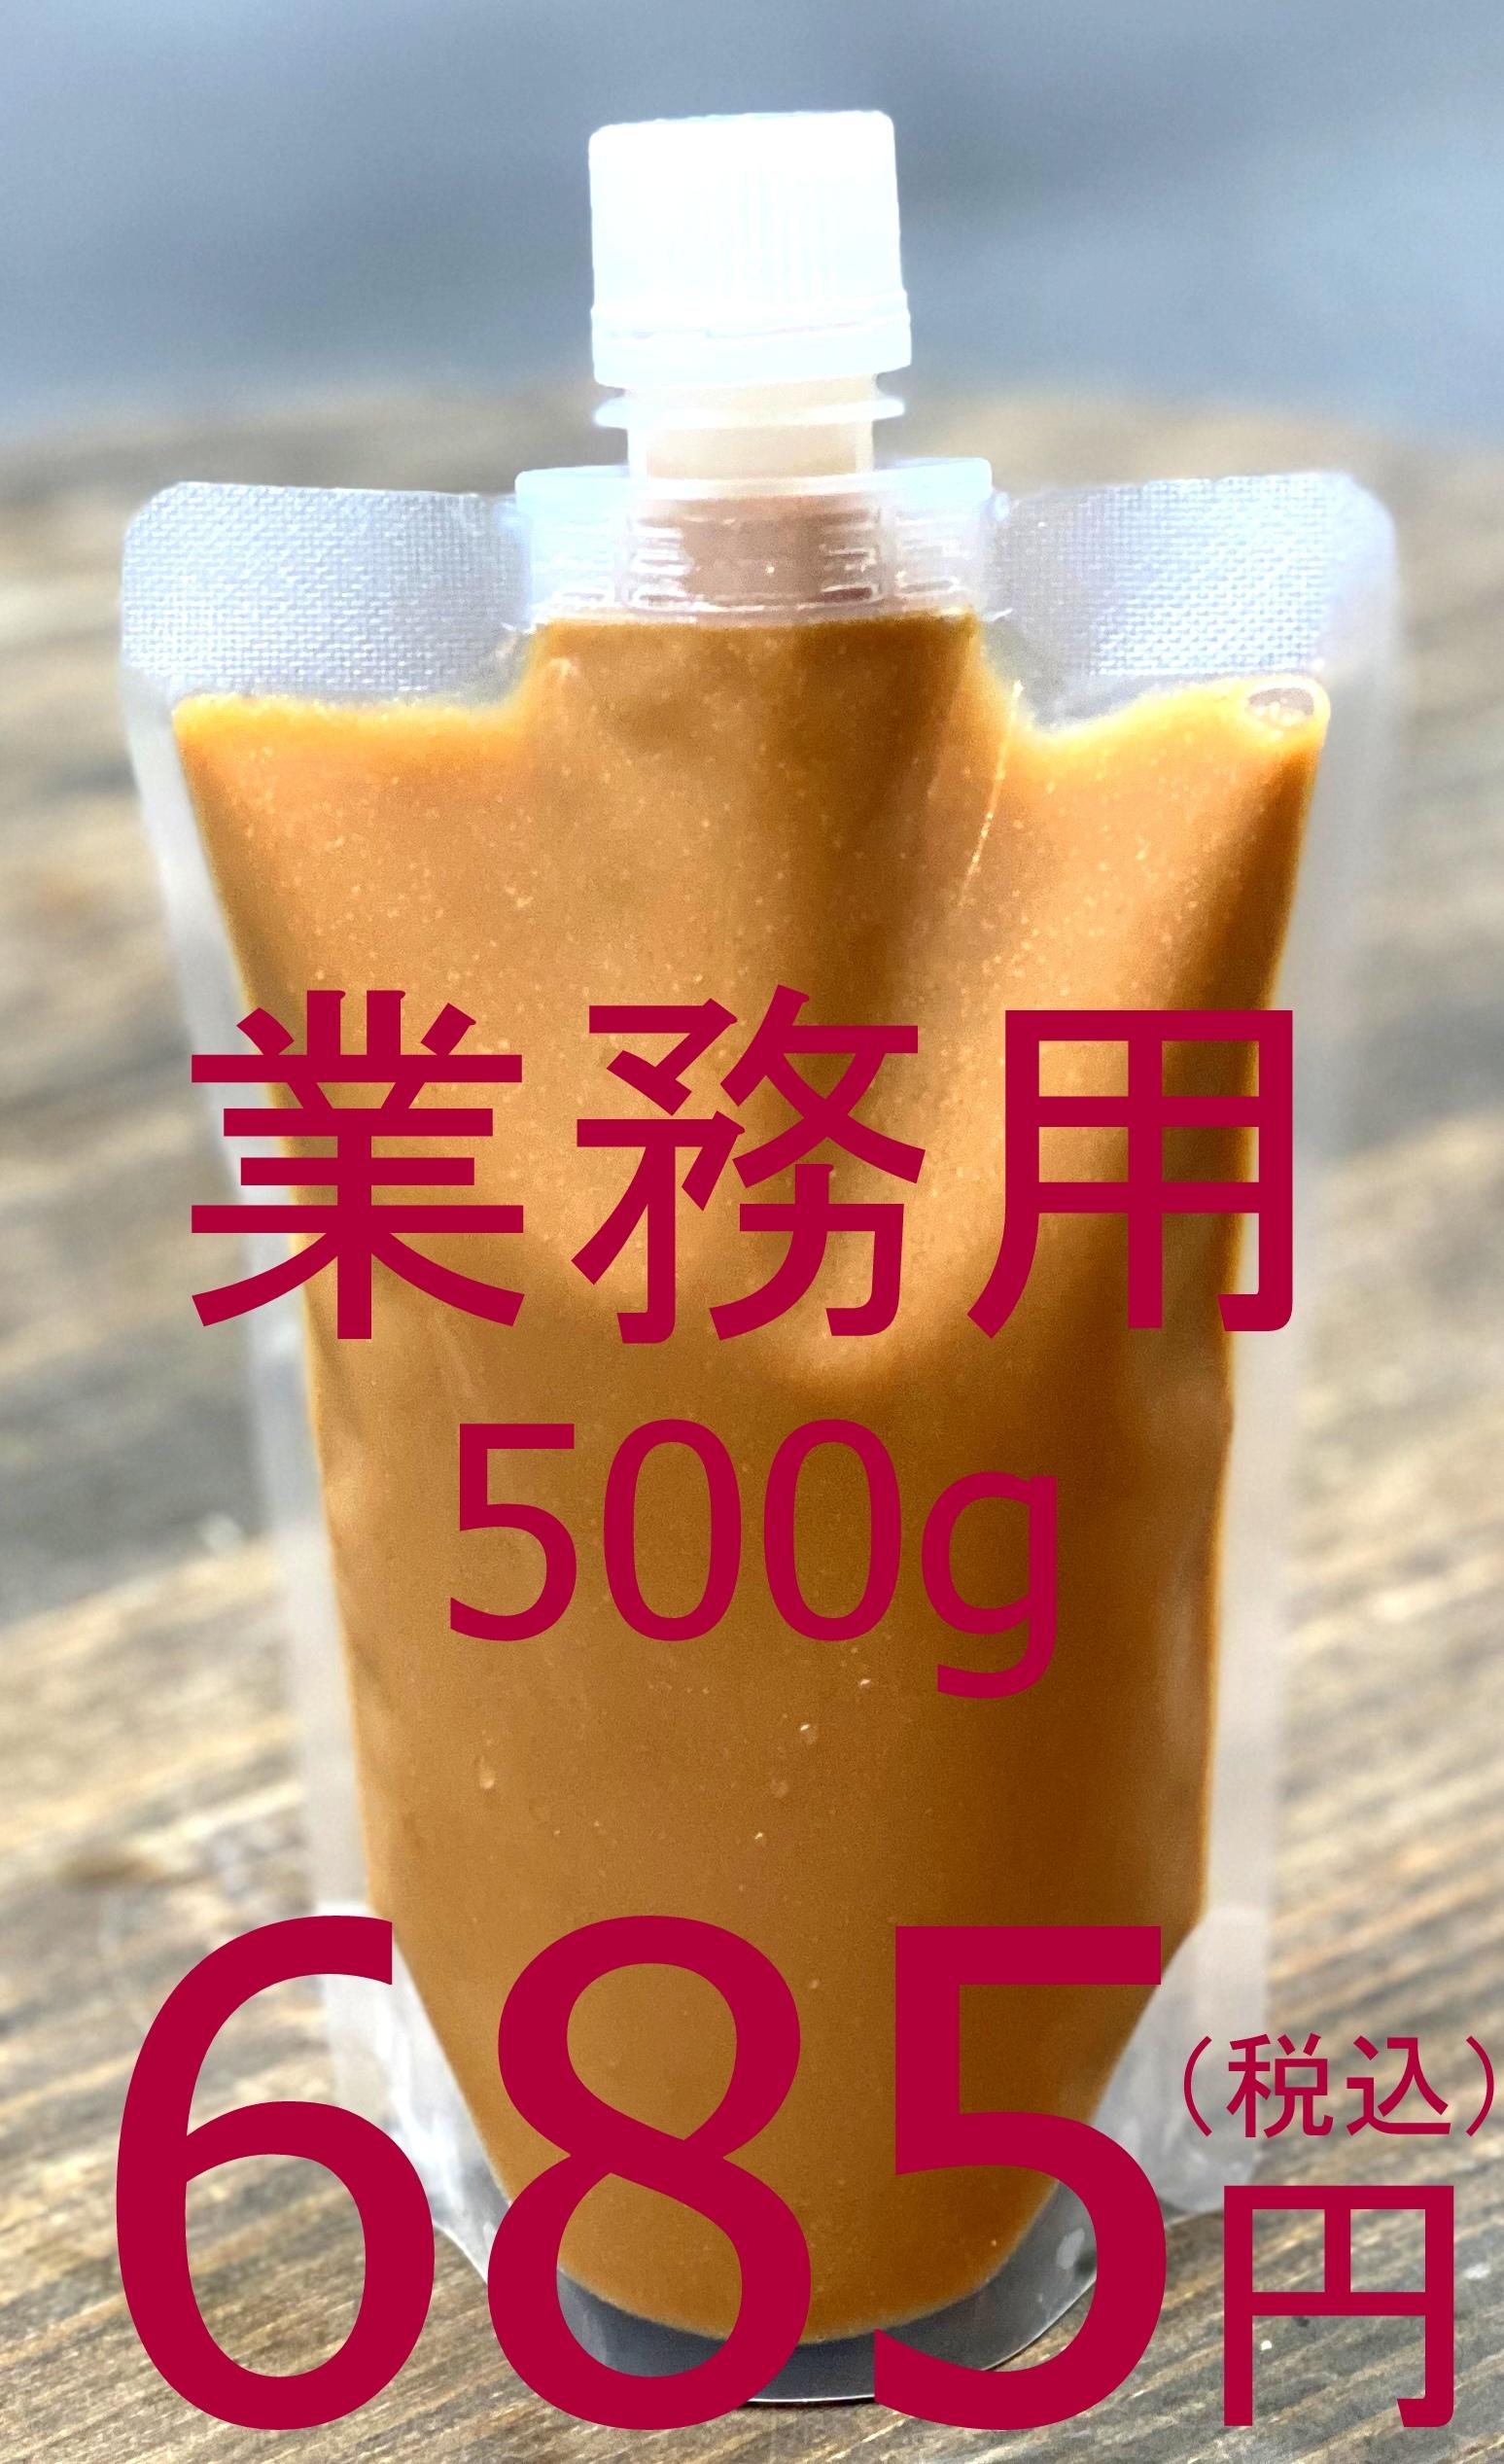 【一般のお客様大歓迎】810 羽田市場 海鮮漬けだれ 500g 冷凍 685円(税込)